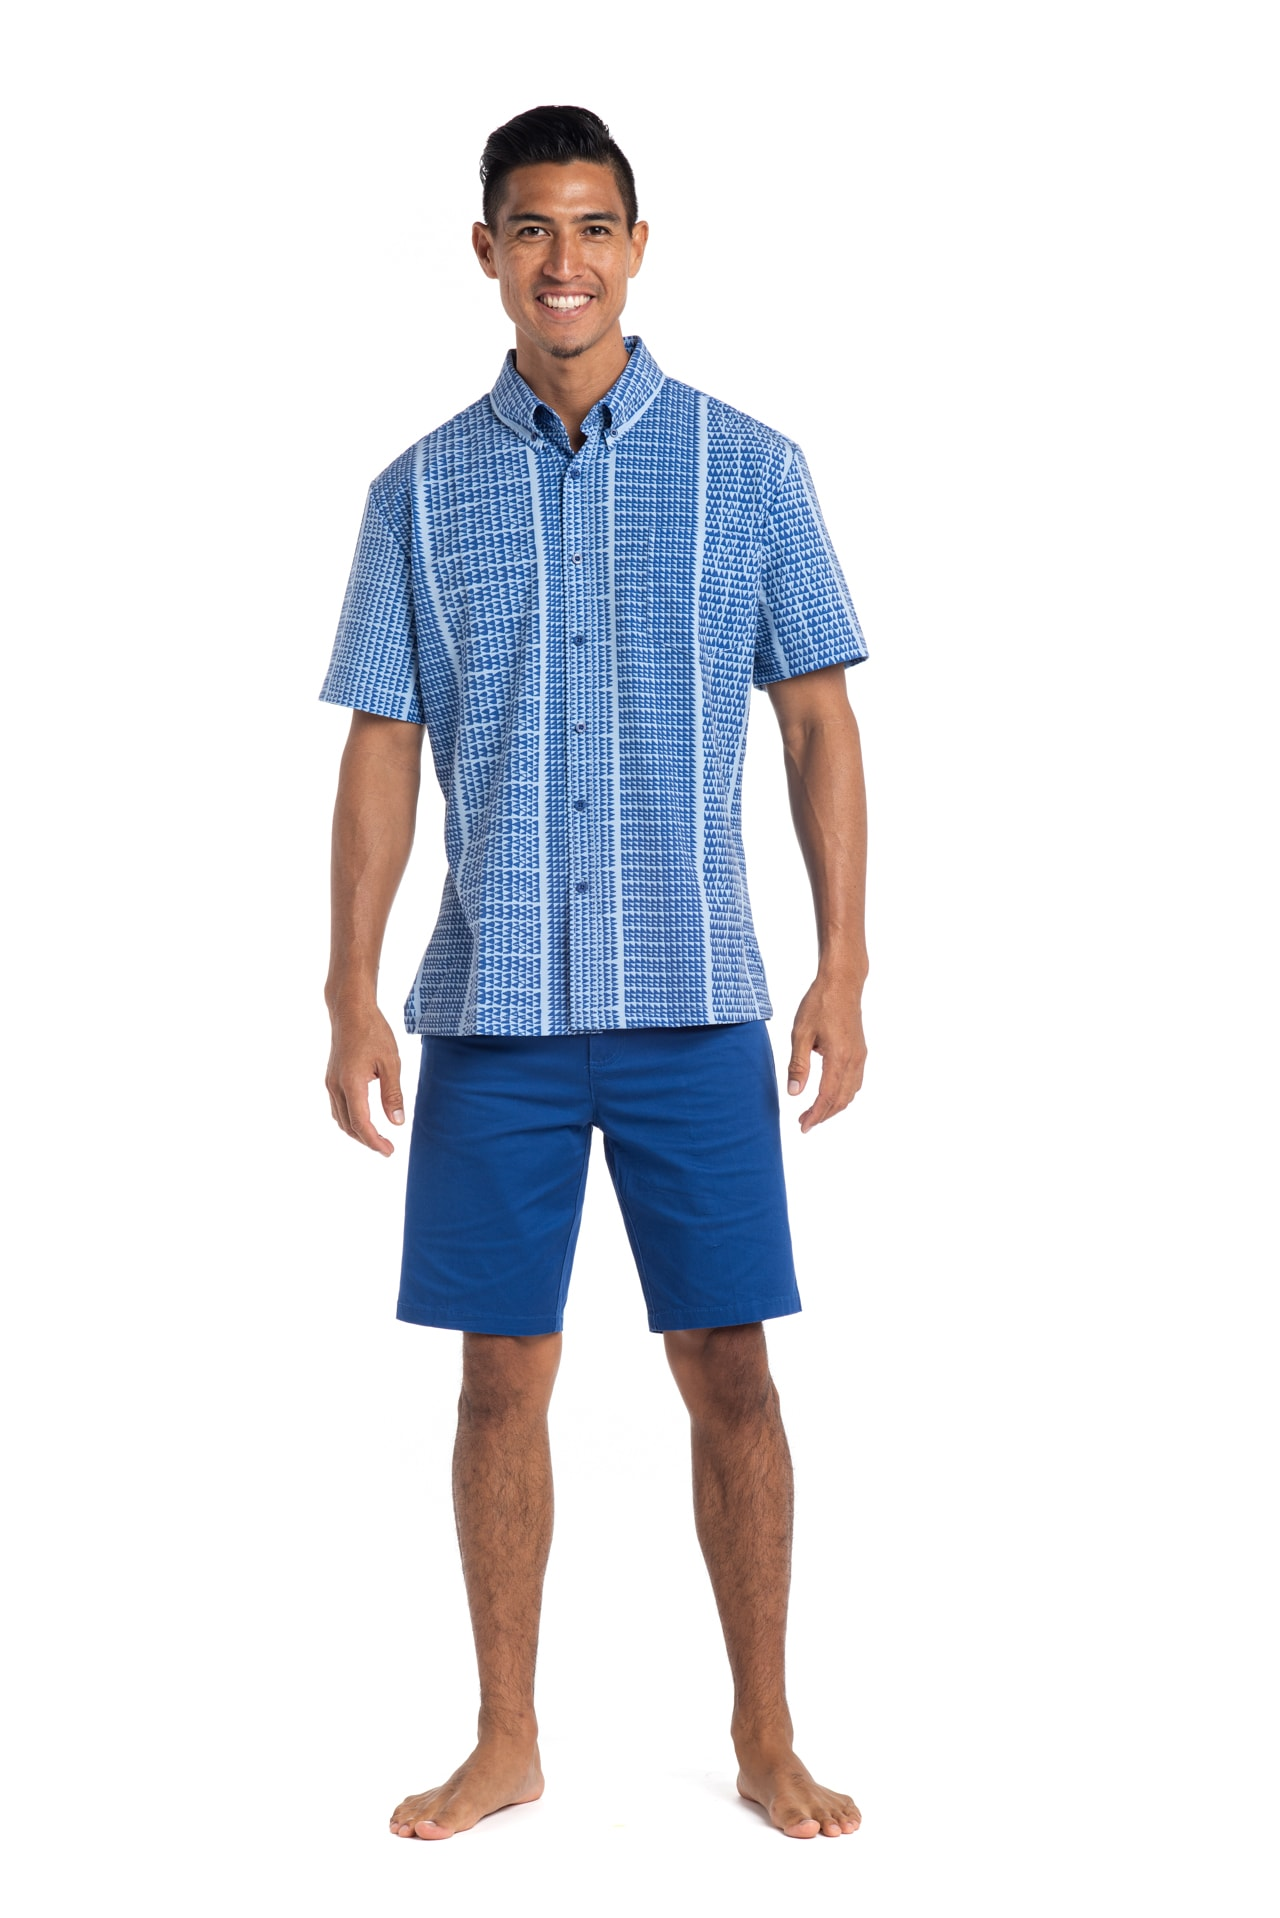 Male model wearing Mahalo Nui Shirt in Blue Niho Ku - Front View